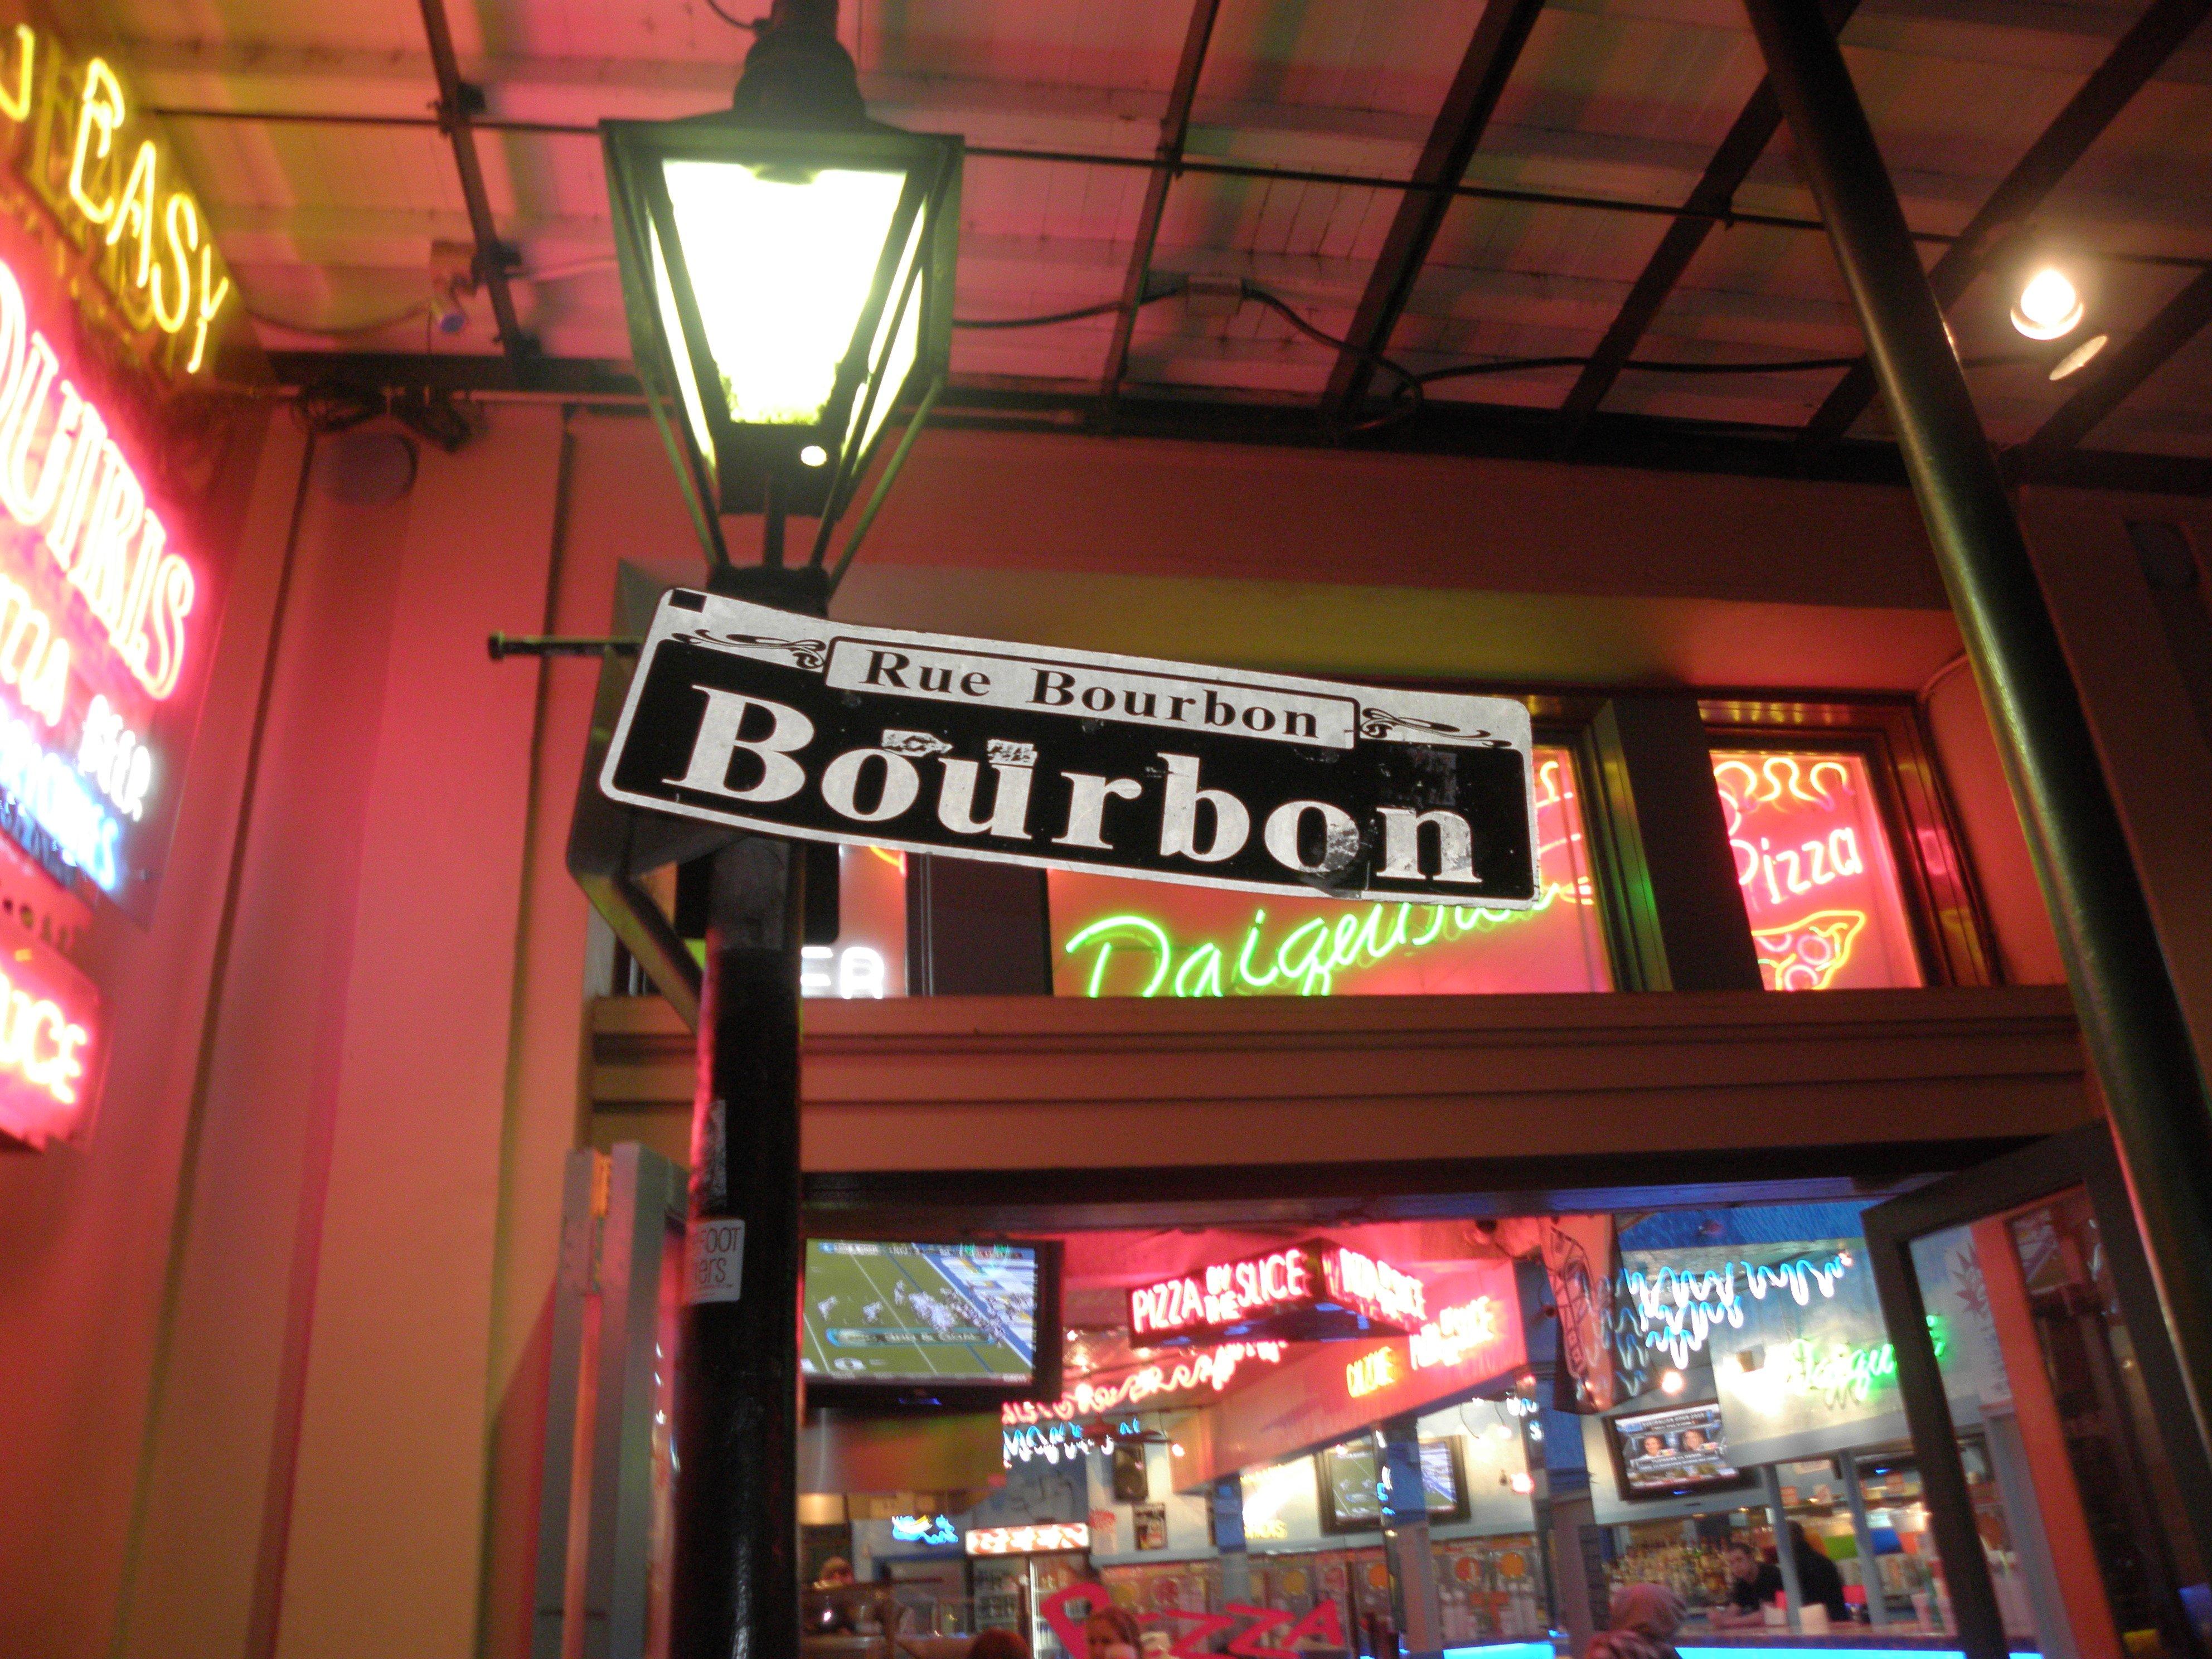 Rue de Bourbon